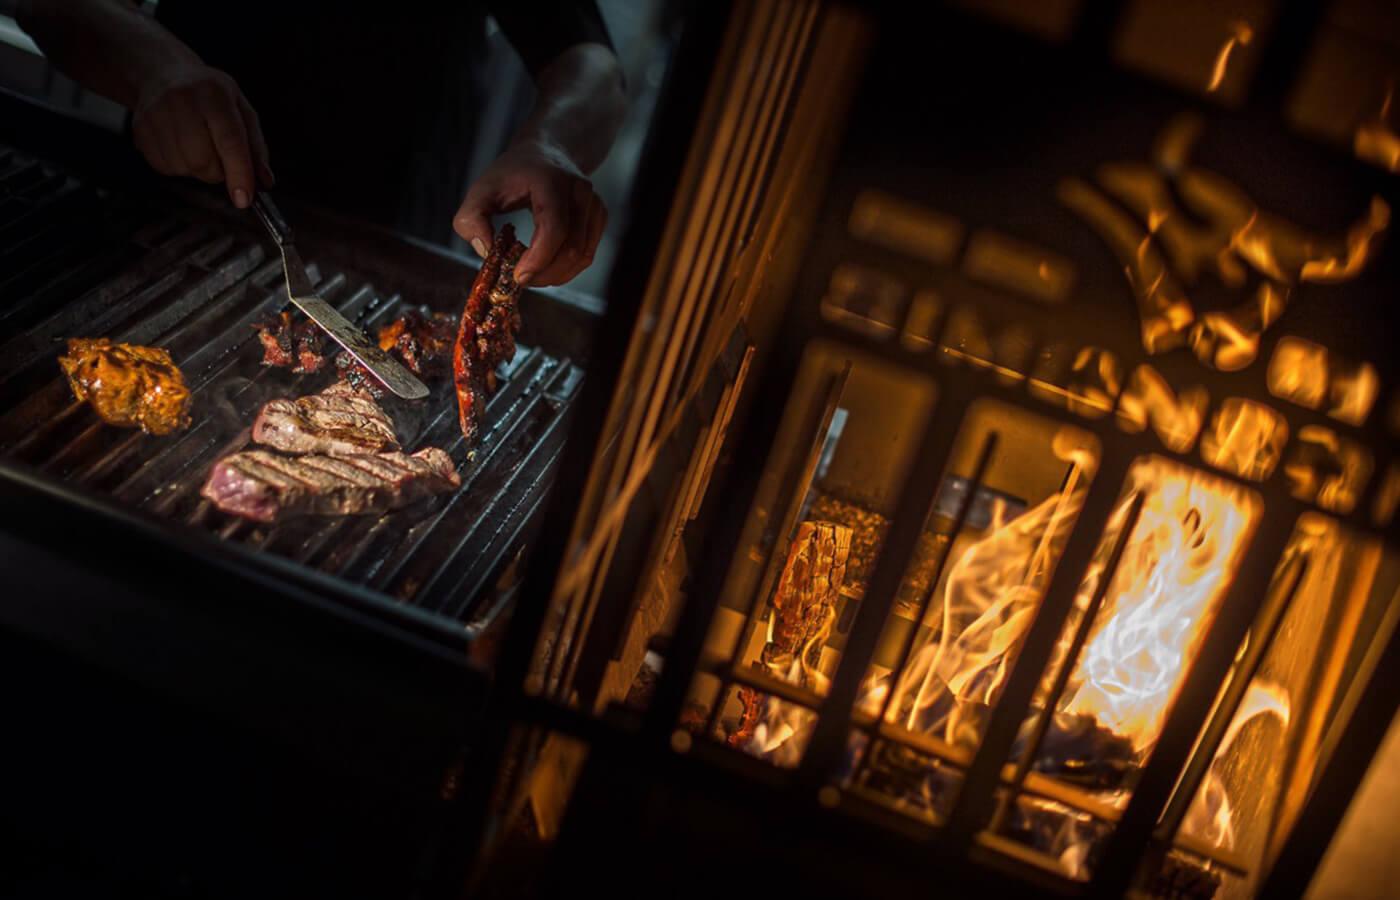 roasthaus niederndorf, gastro einrichtung, offener grill, gastro grillen, offenes feuer, grillen